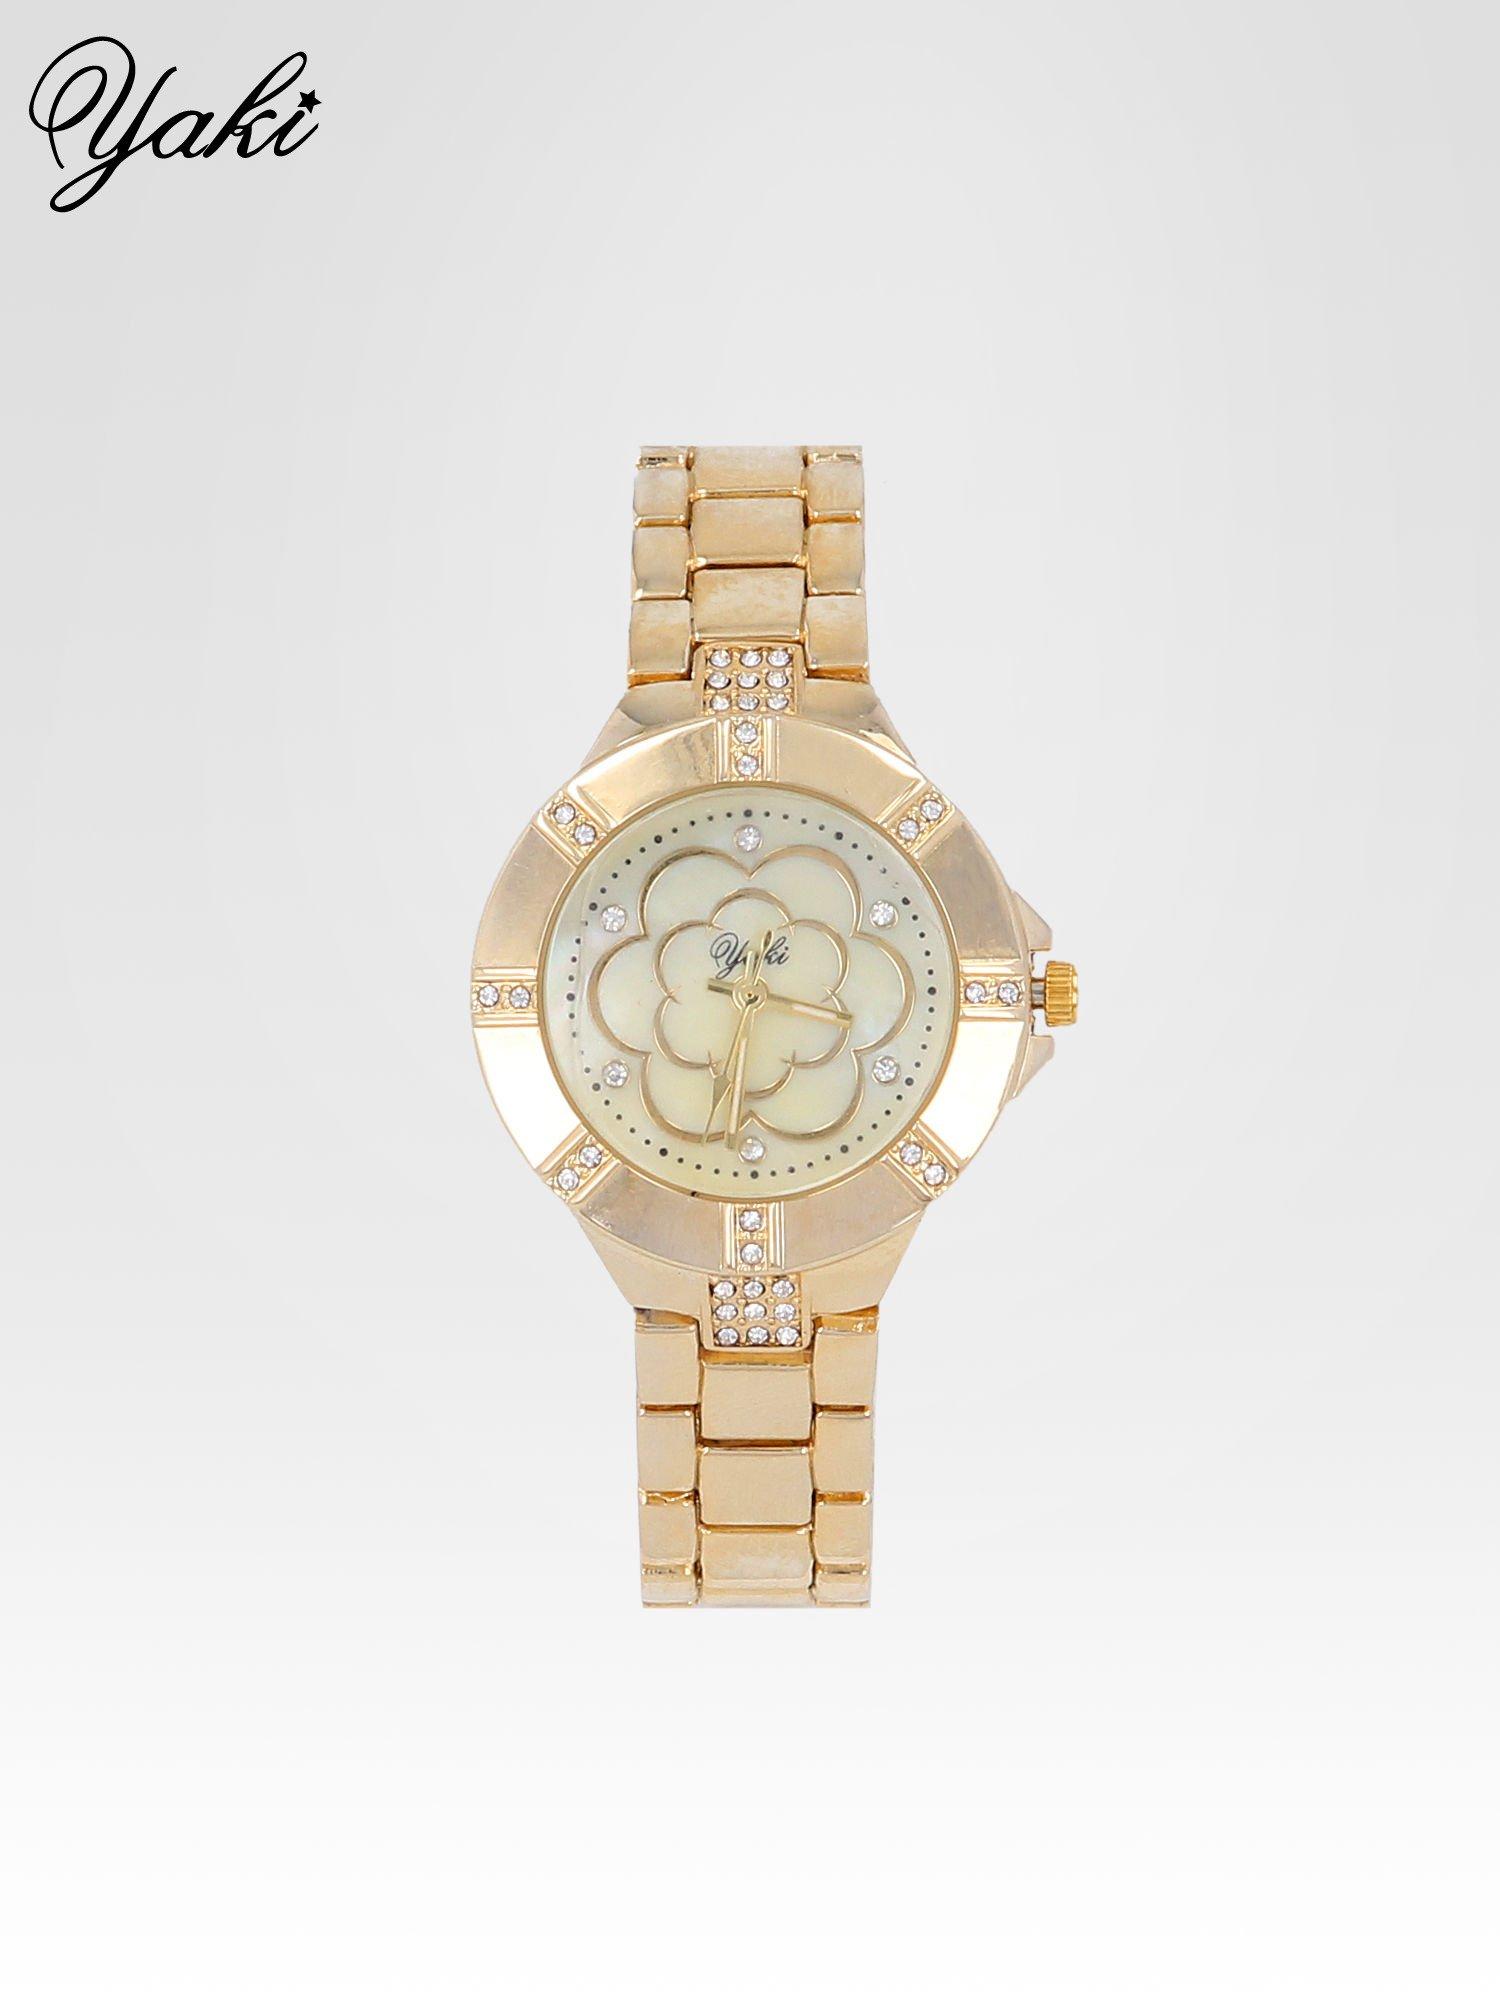 Złoty zegarek damski na bransolecie z cyrkoniami                                  zdj.                                  1